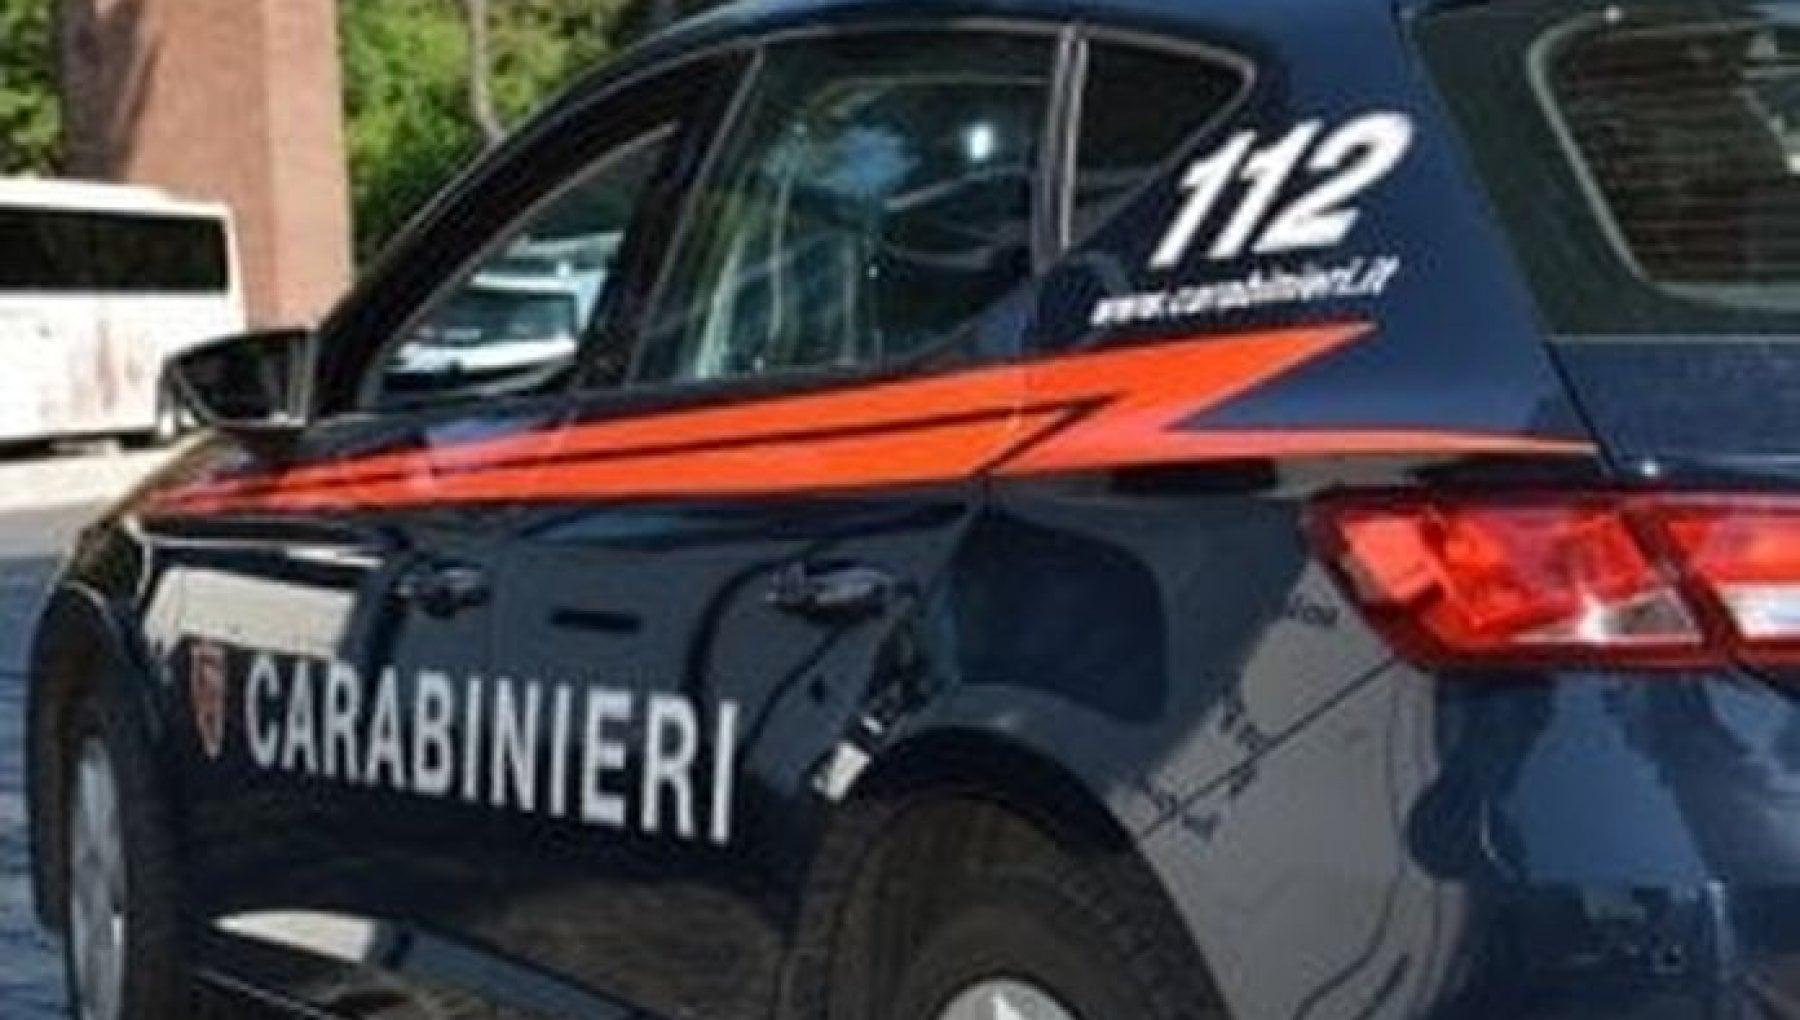 Reggio Calabria reddito di cittadinanza e buoni alimentari agli uomini del clan. 185 persone denunciate